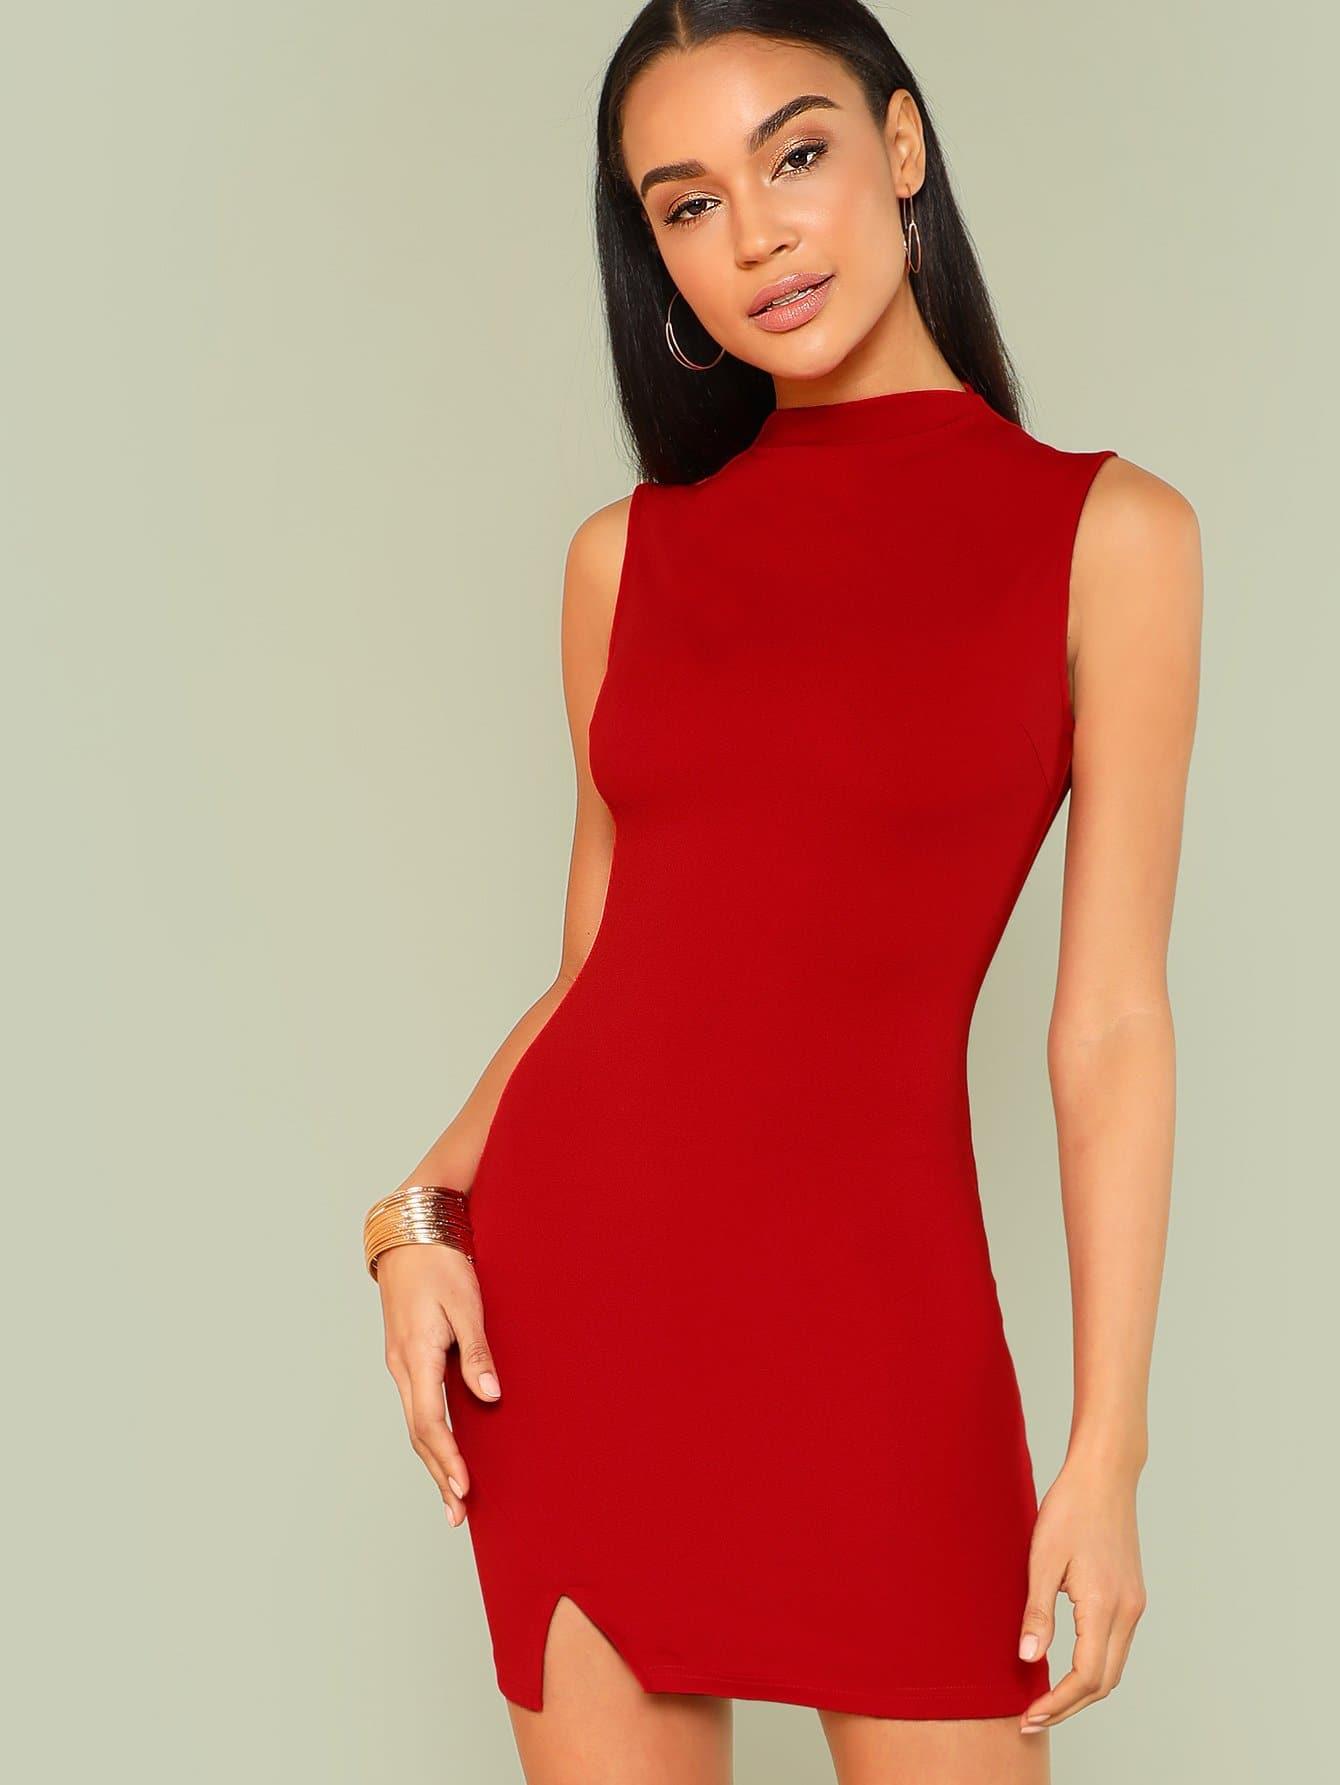 Mock Neck Form Fitted Slit Hem Dress v neck fitted front slit dress